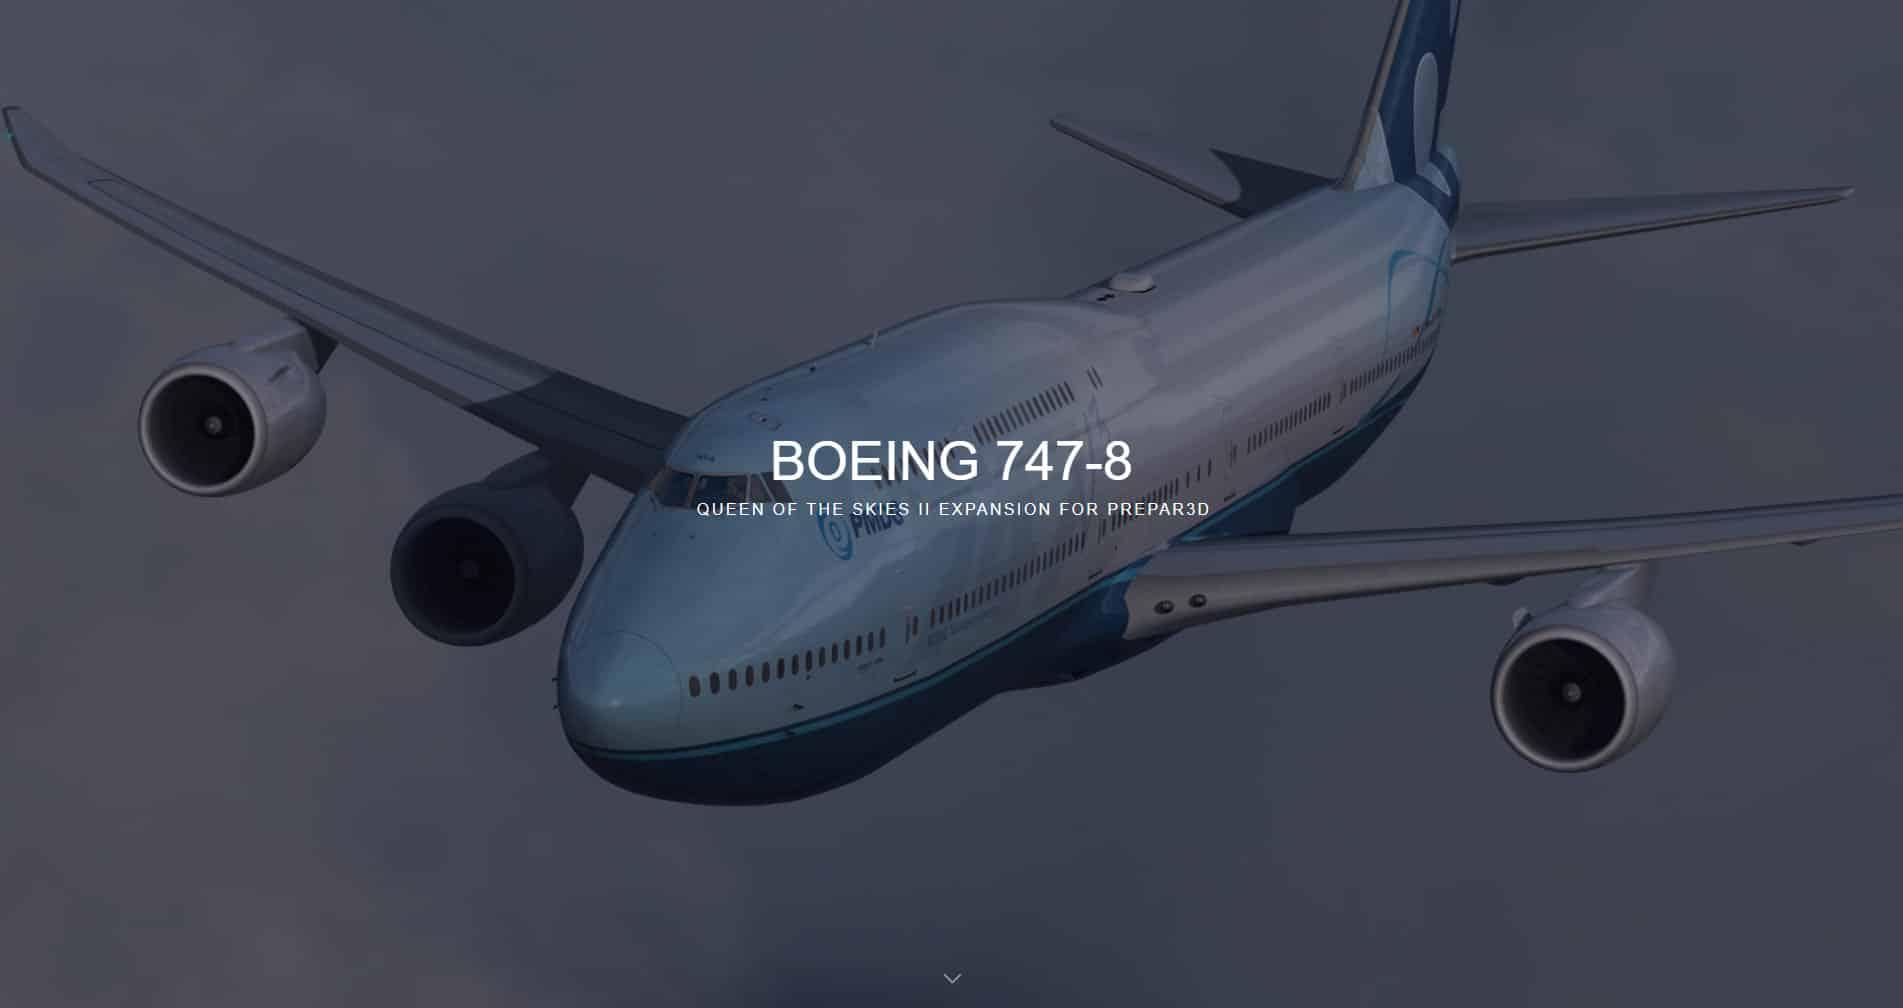 crack pmdg 747-400 fsx